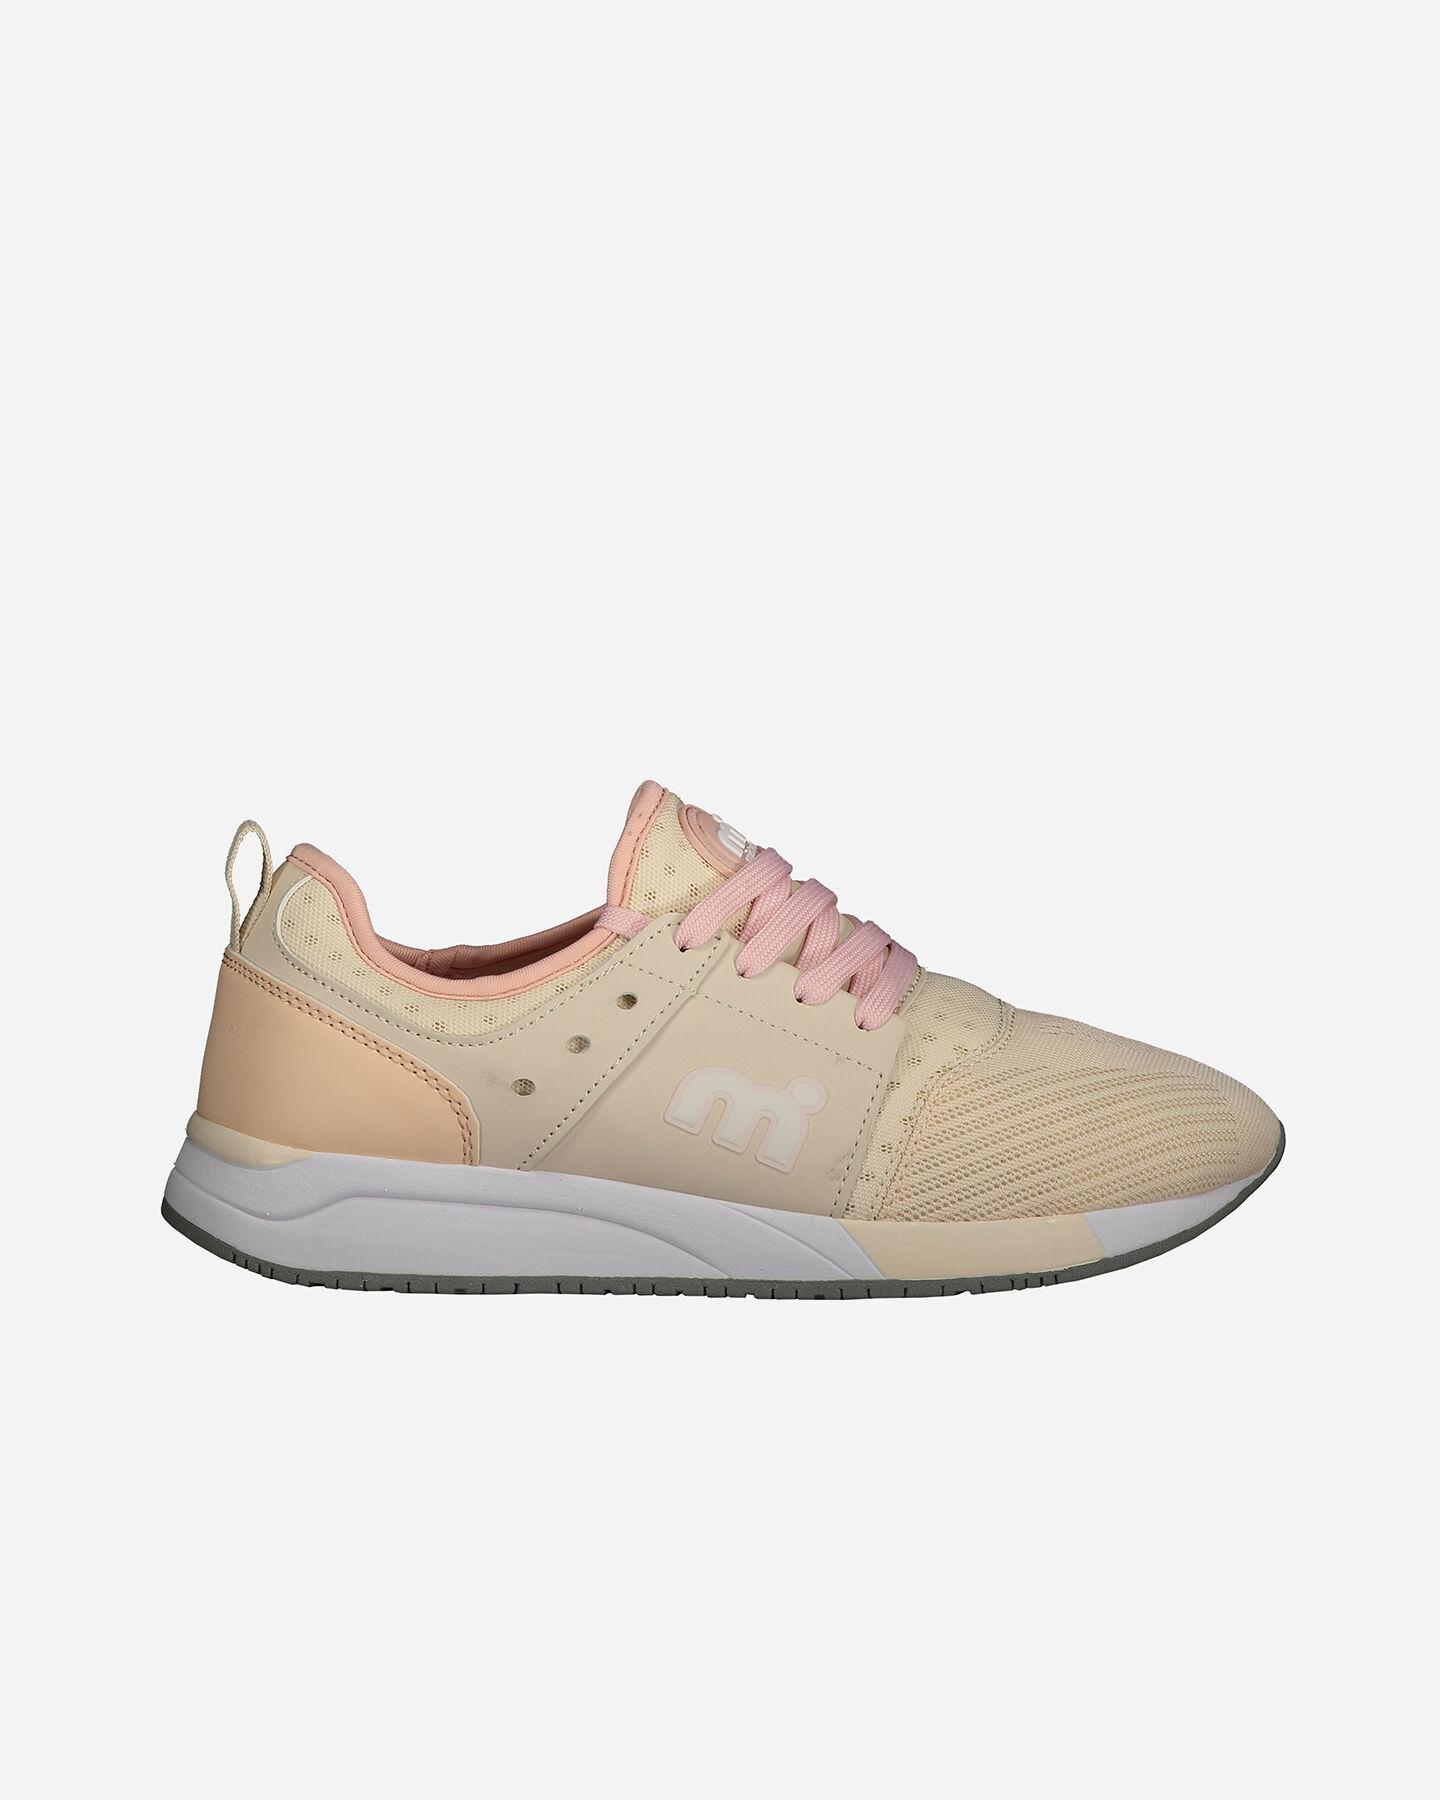 2c8881b8d6a83 Acquista fila sneakers donna rosse - OFF49% sconti